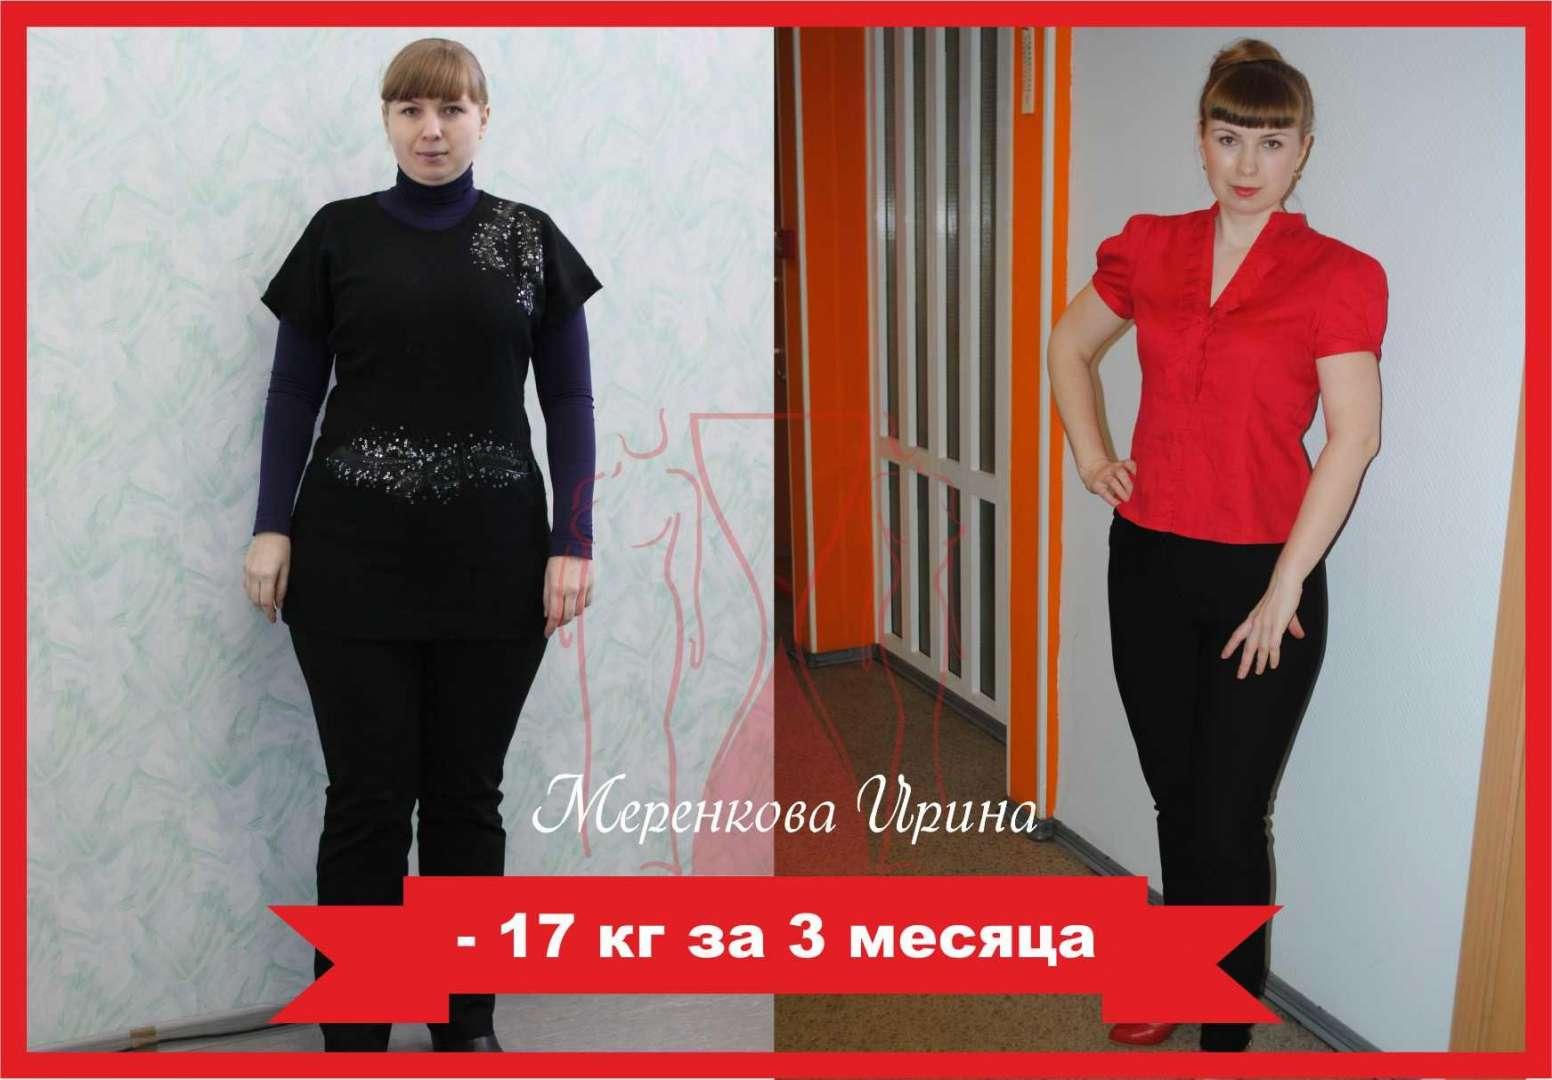 Как В Москве Похудеть В Клинике. Лучшие российские клиники похудения